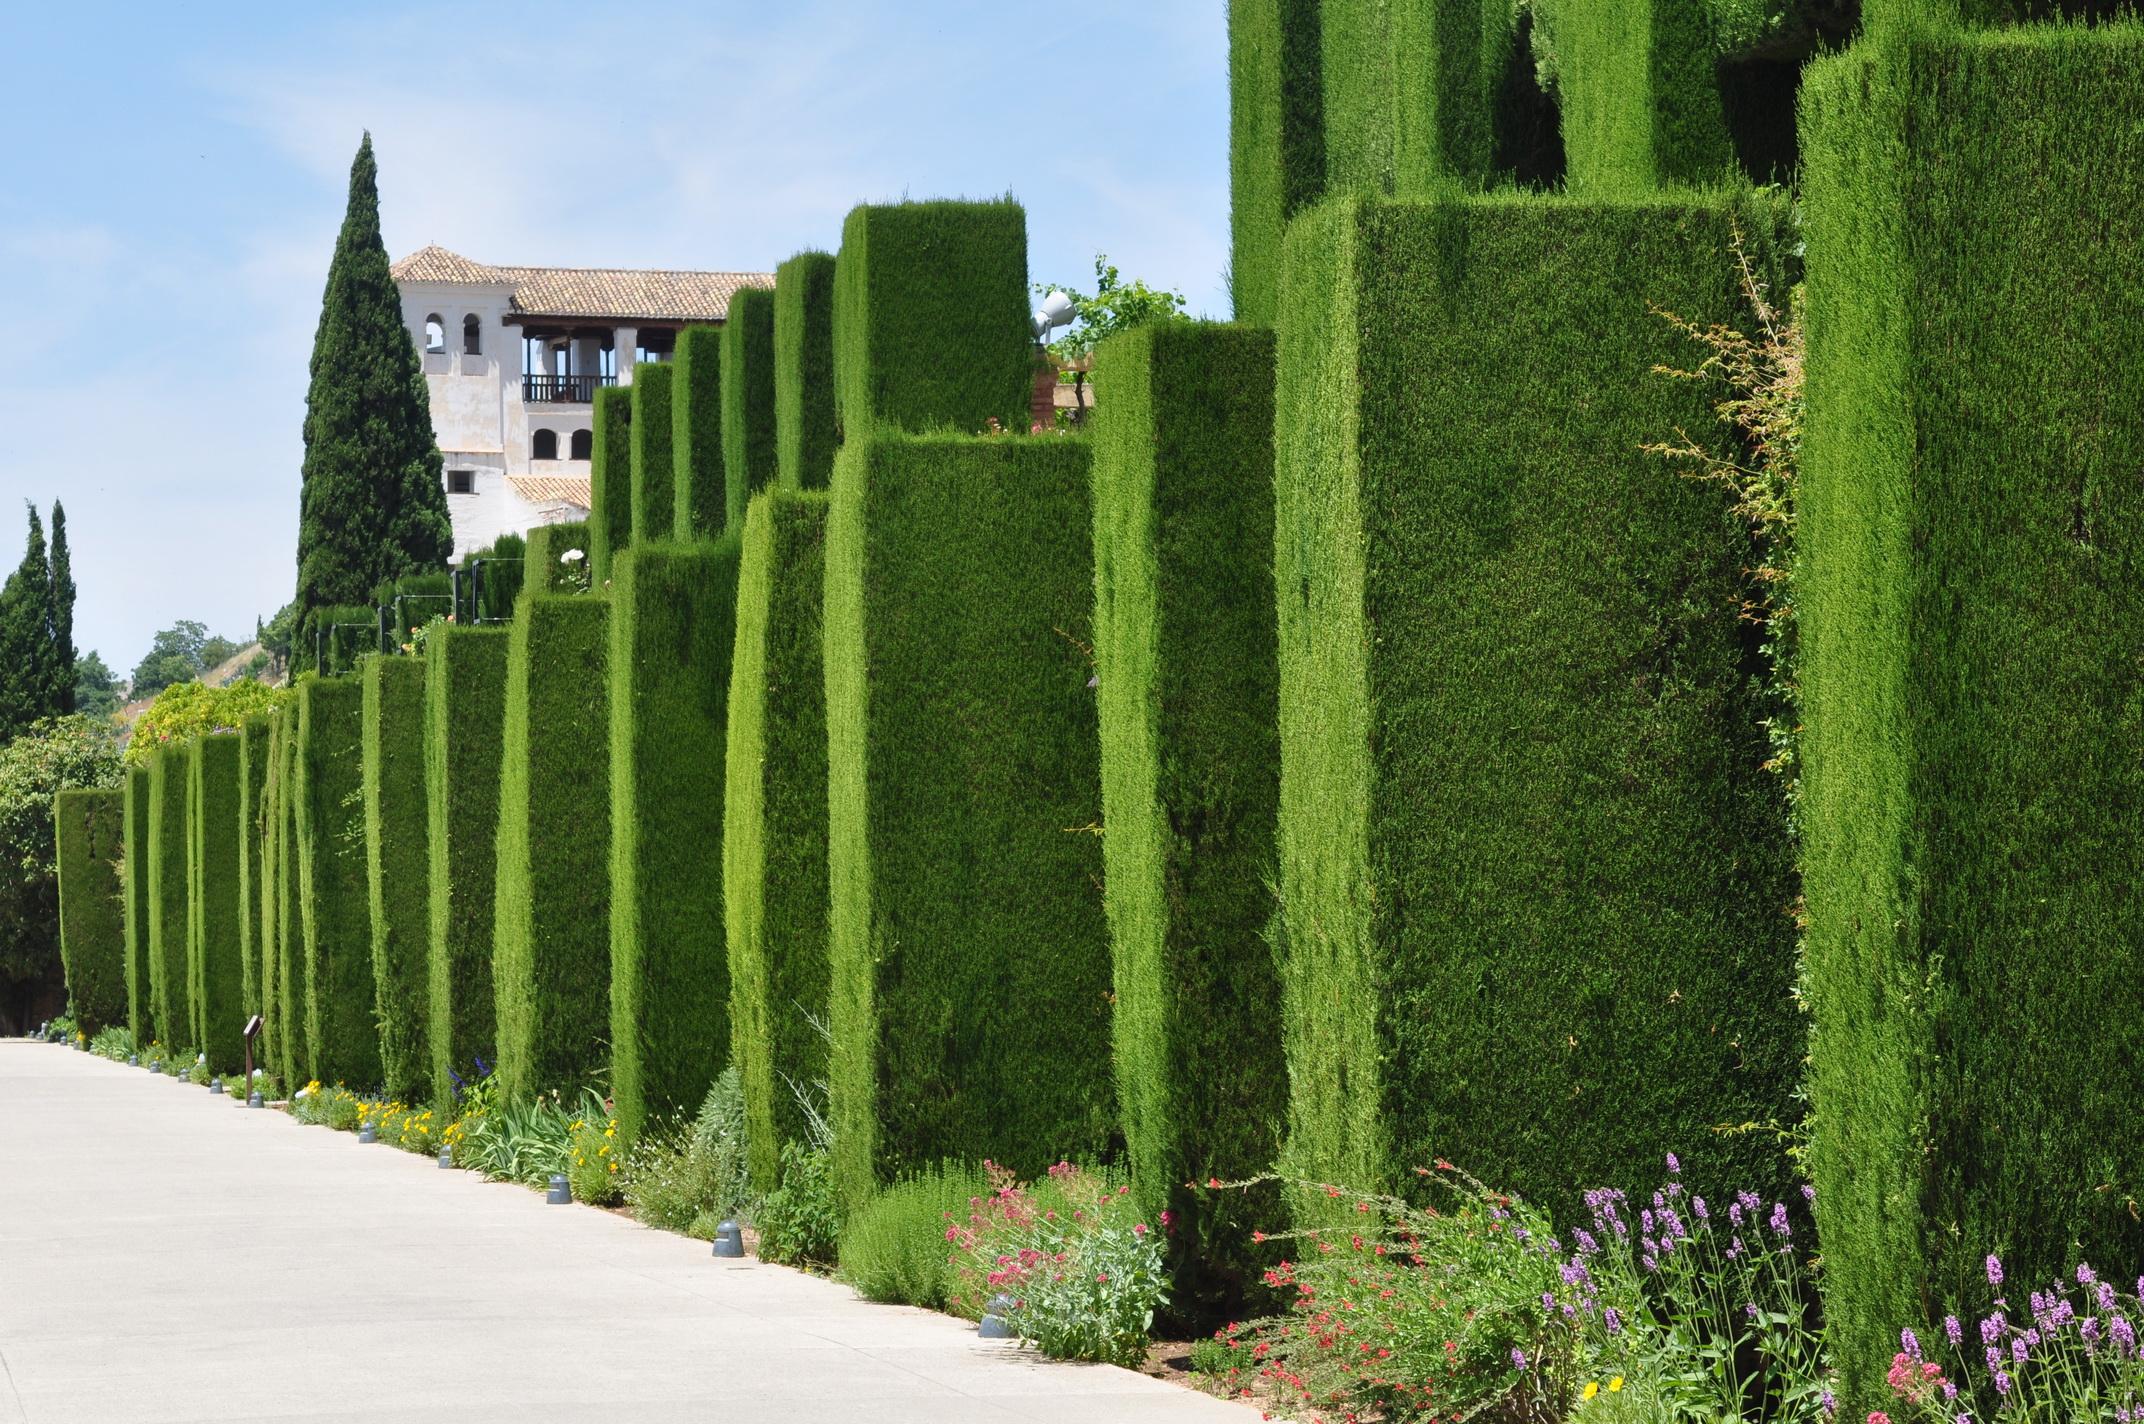 Se decidi di andare a Granada non puoi perderti l'Alhambra